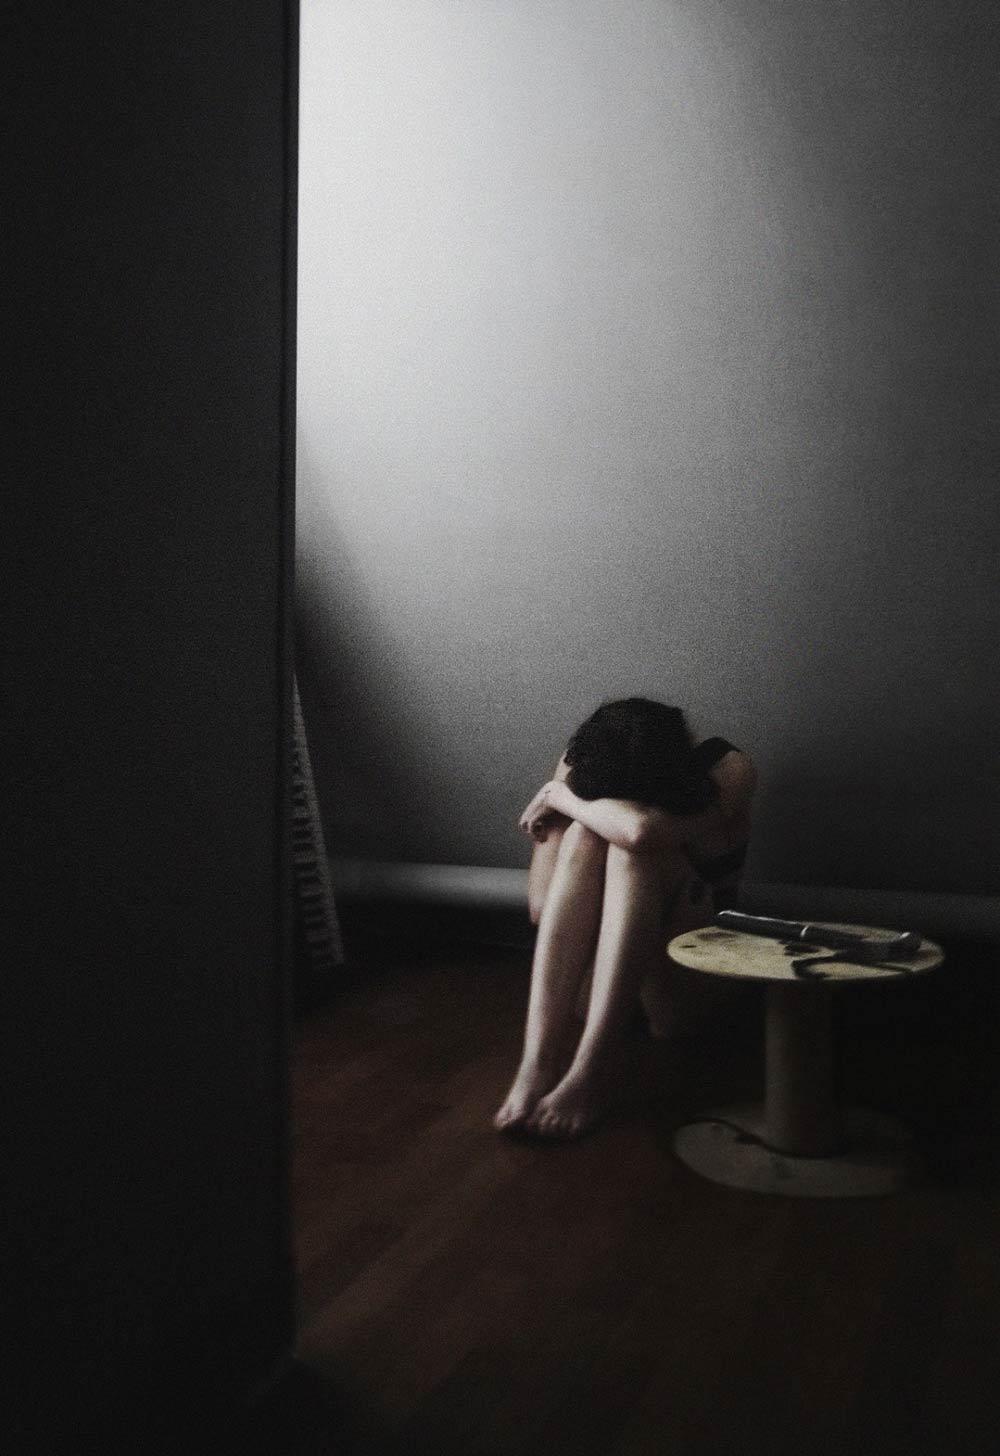 Aline Khieu. Autismus, 2020. Photo numérique reflex Lumix